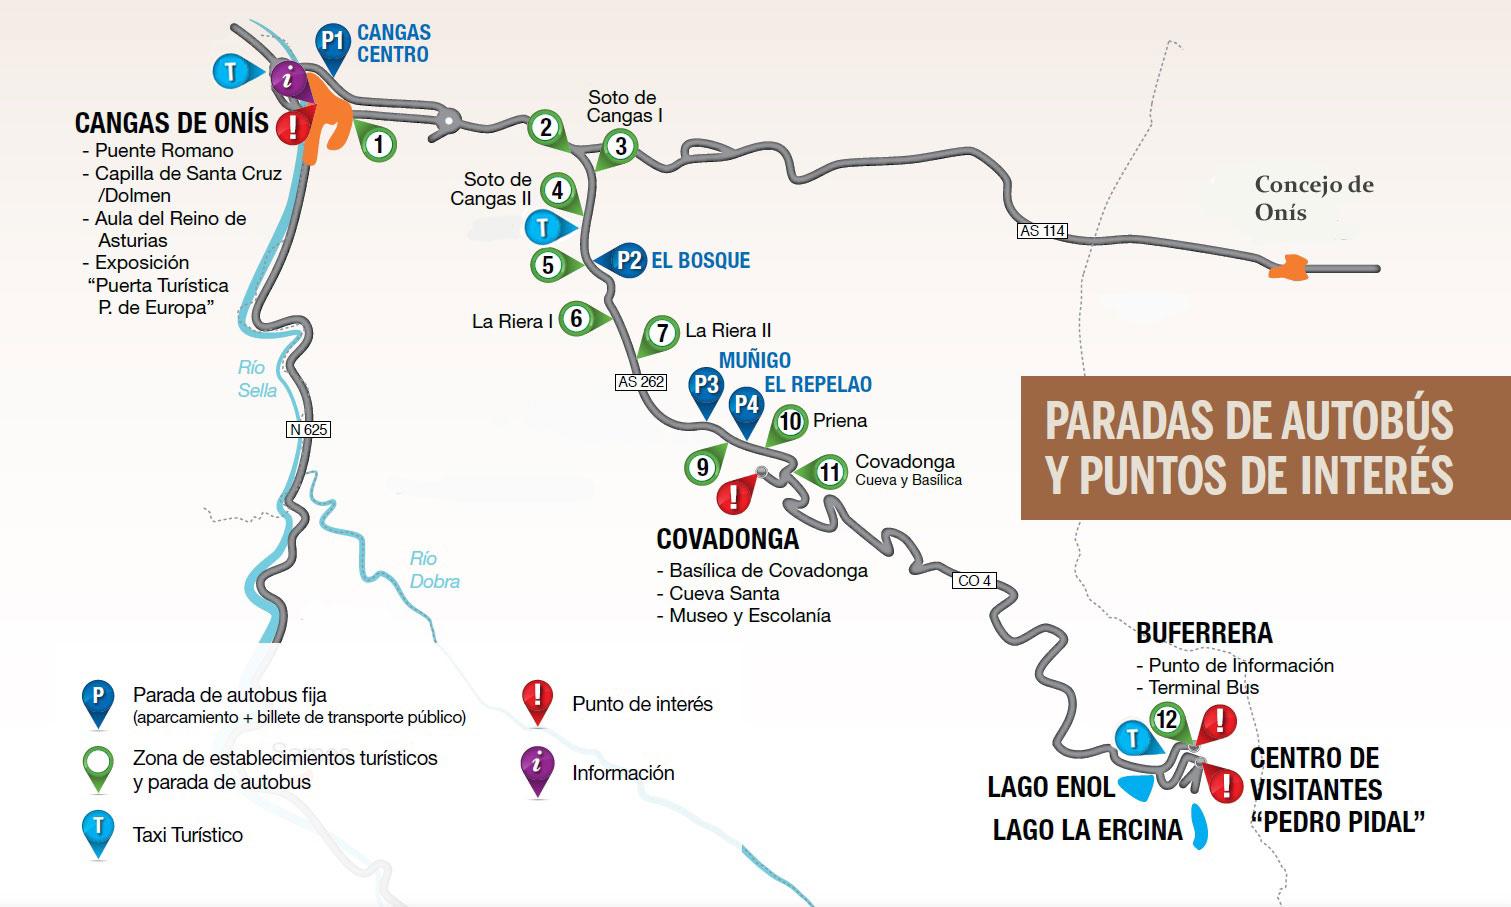 Informaci n de acceso a los lagos de covadonga en verano for Oficina turismo cangas de onis